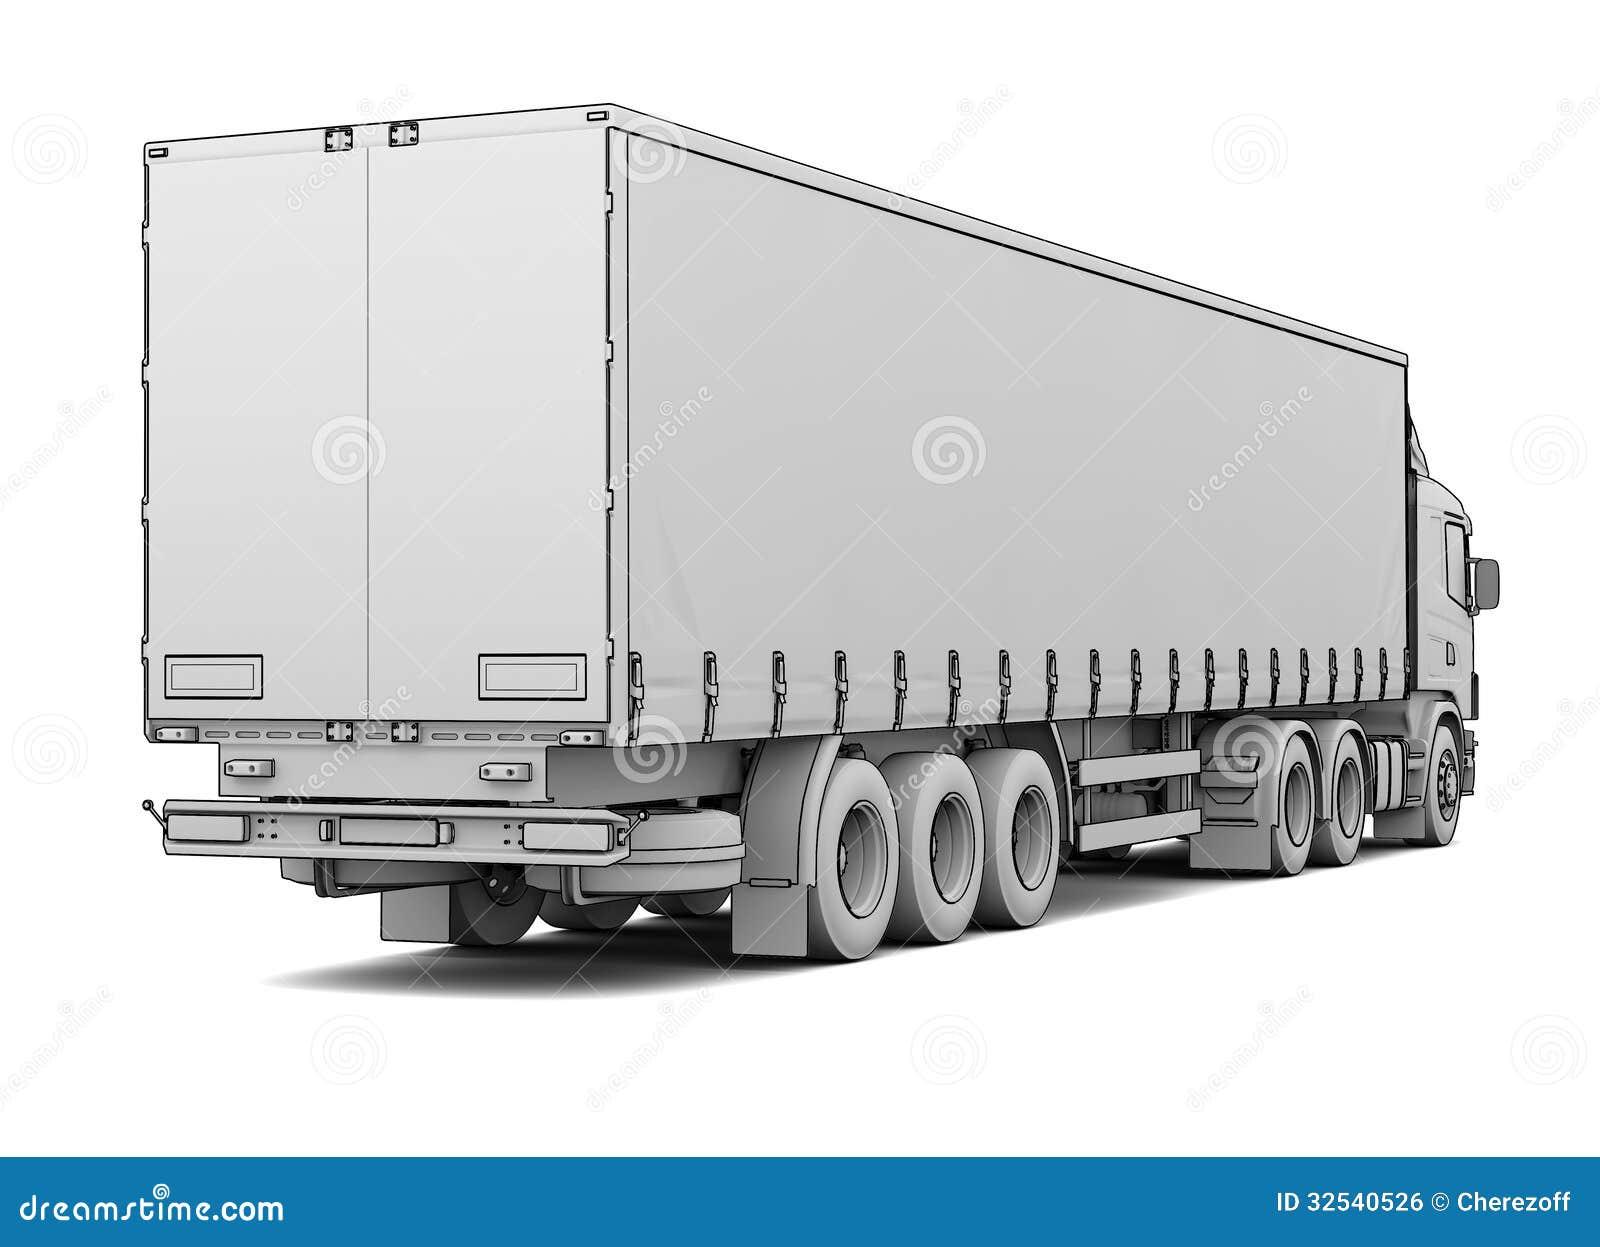 Skizzenweiß-LKW stock abbildung. Illustration von industrie - 32540526